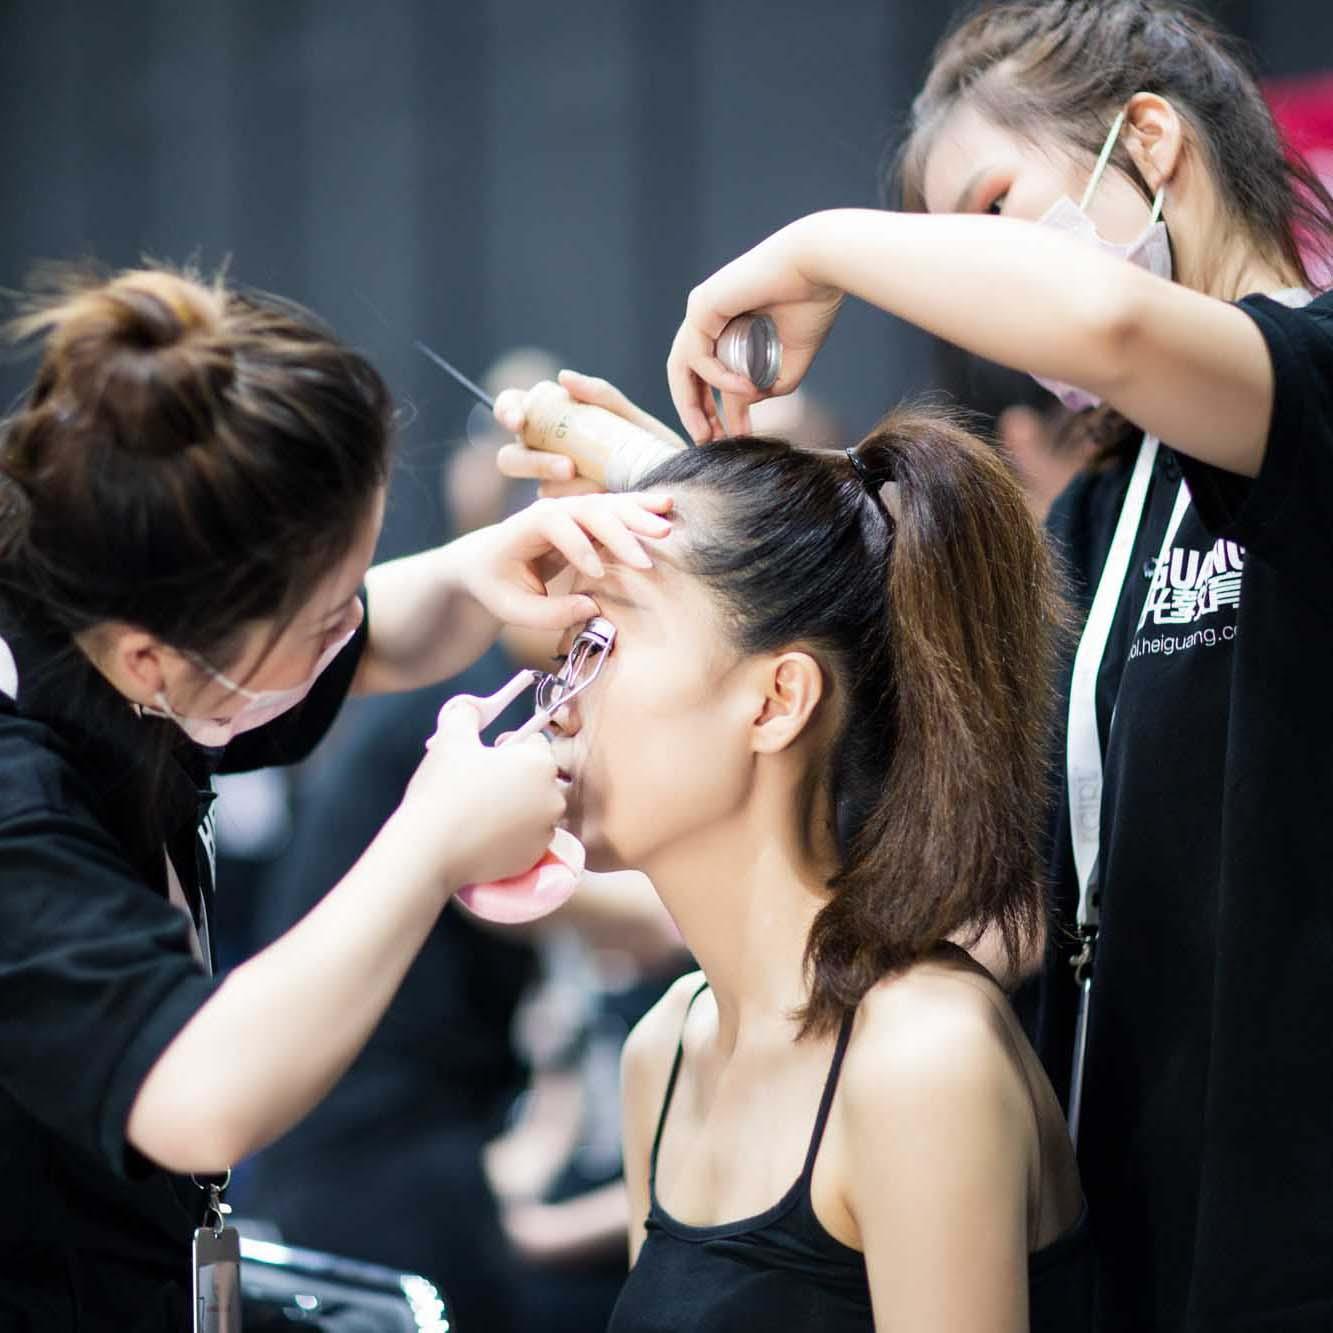 黑光化妆基础培训班具有什么样的优势?小班教学才是特色!